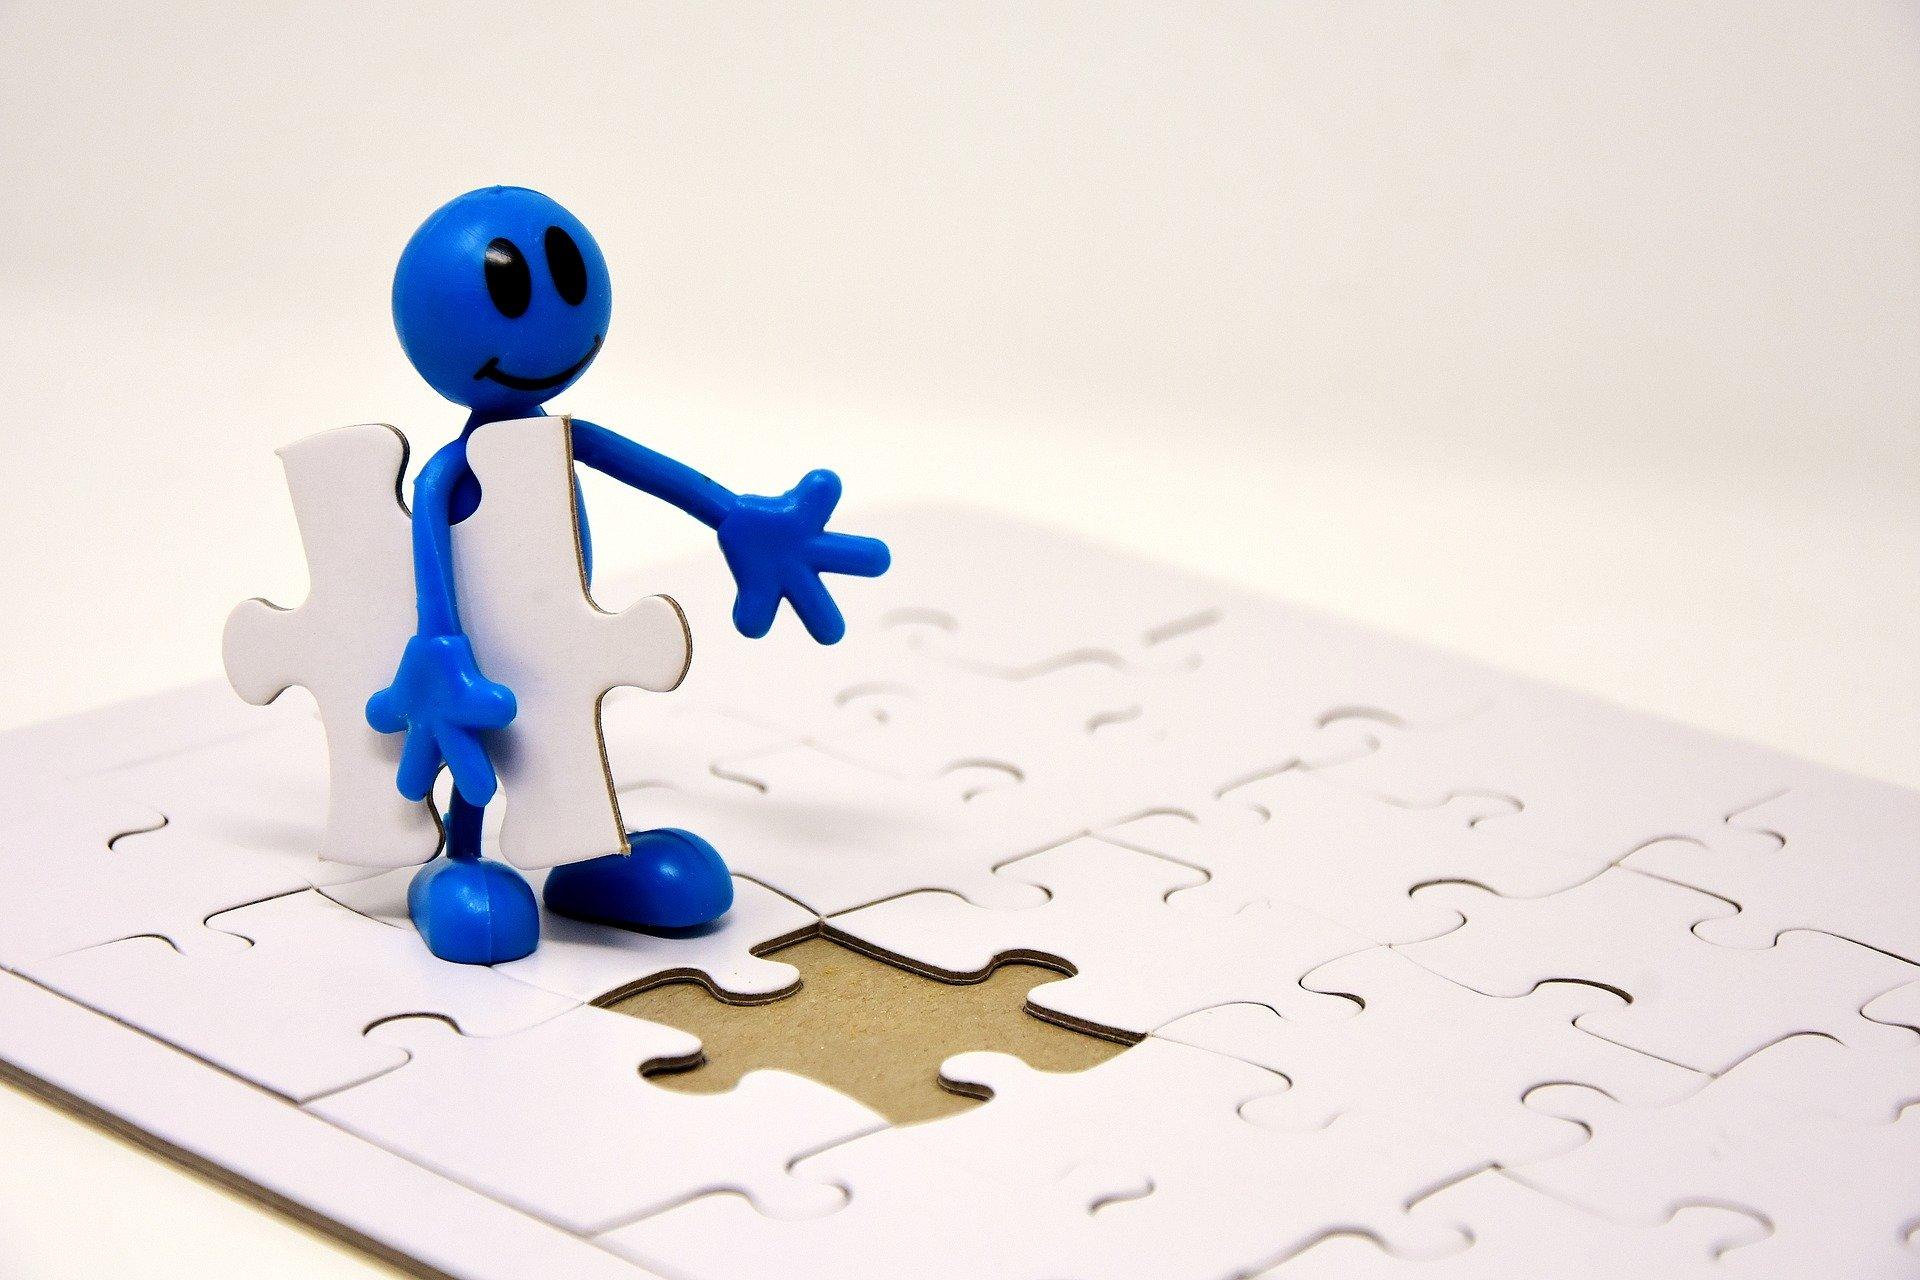 La paciencia nos ayuda a afrontar mejor la frustración